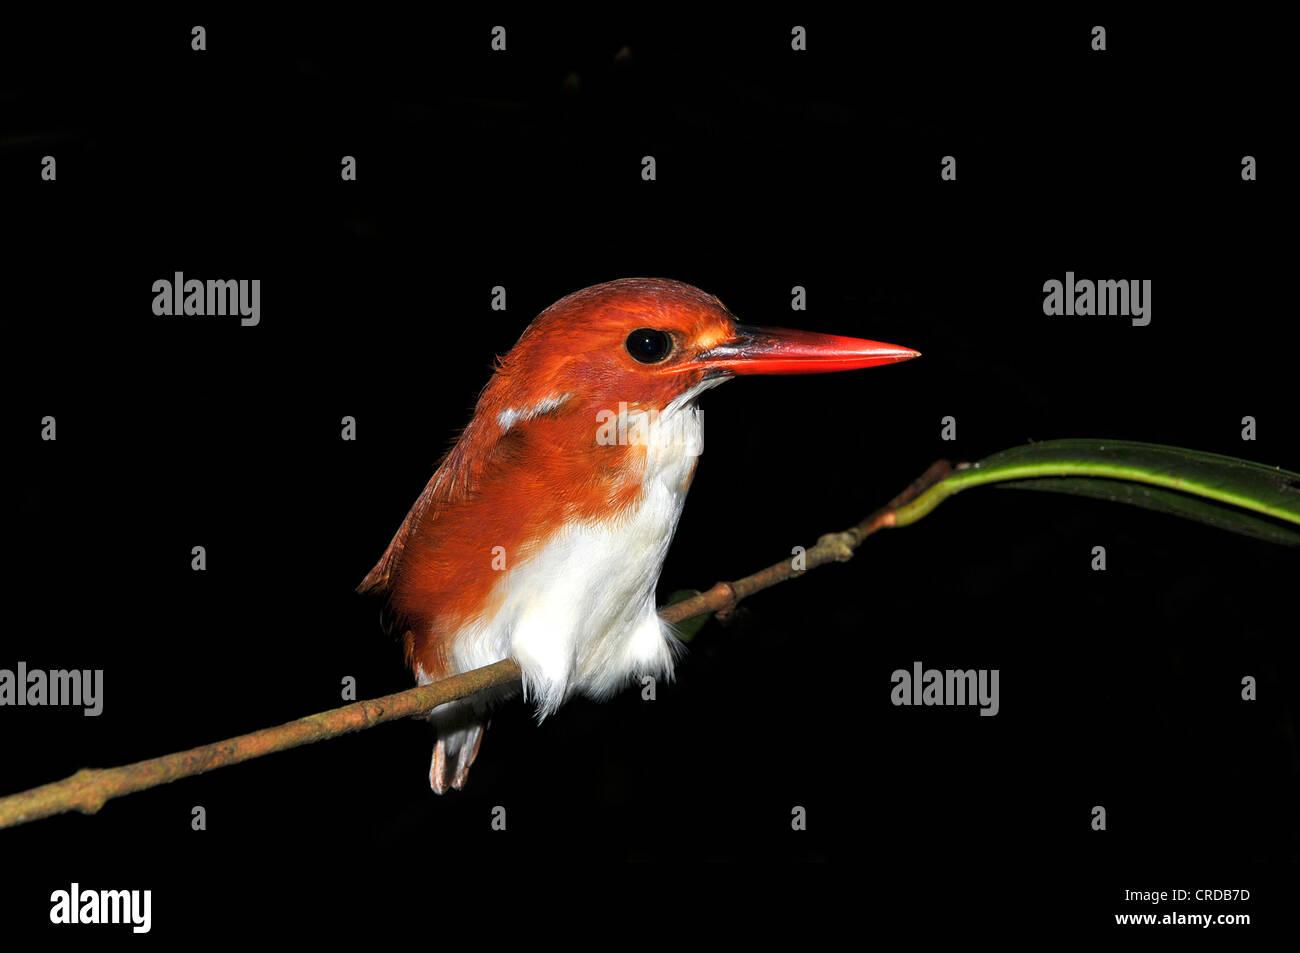 Madagascar Pygmy-Kingfisher (Ceyx madagascariensis, Ispidina madagascariensis), Masoala rainforest, north-eastern - Stock Image